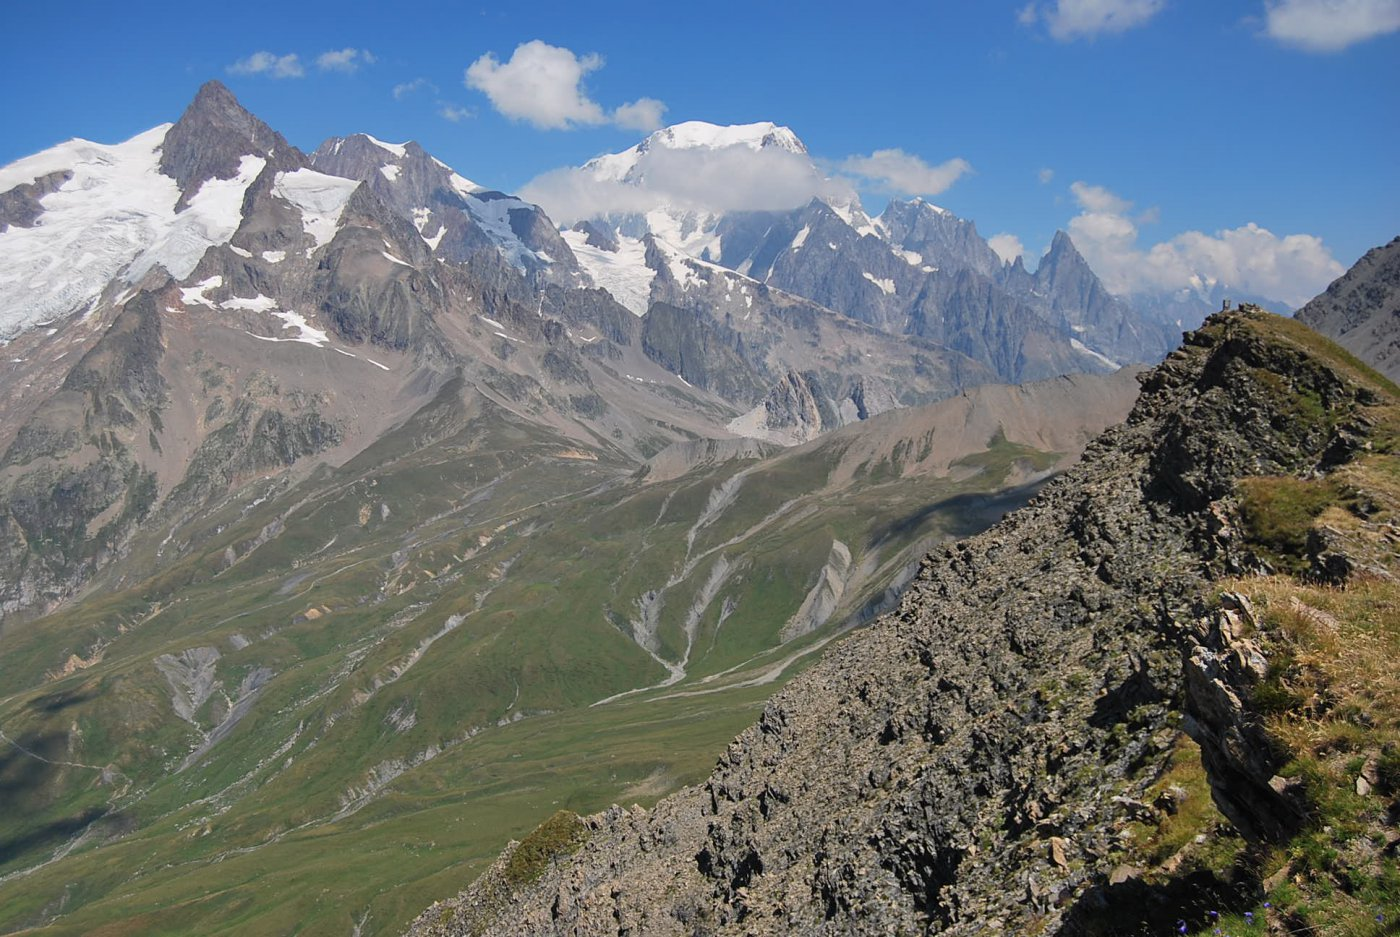 Dalla cresta: Col Seigne, Aig. Glaciers, Monte Bianco e cresta Peuterey